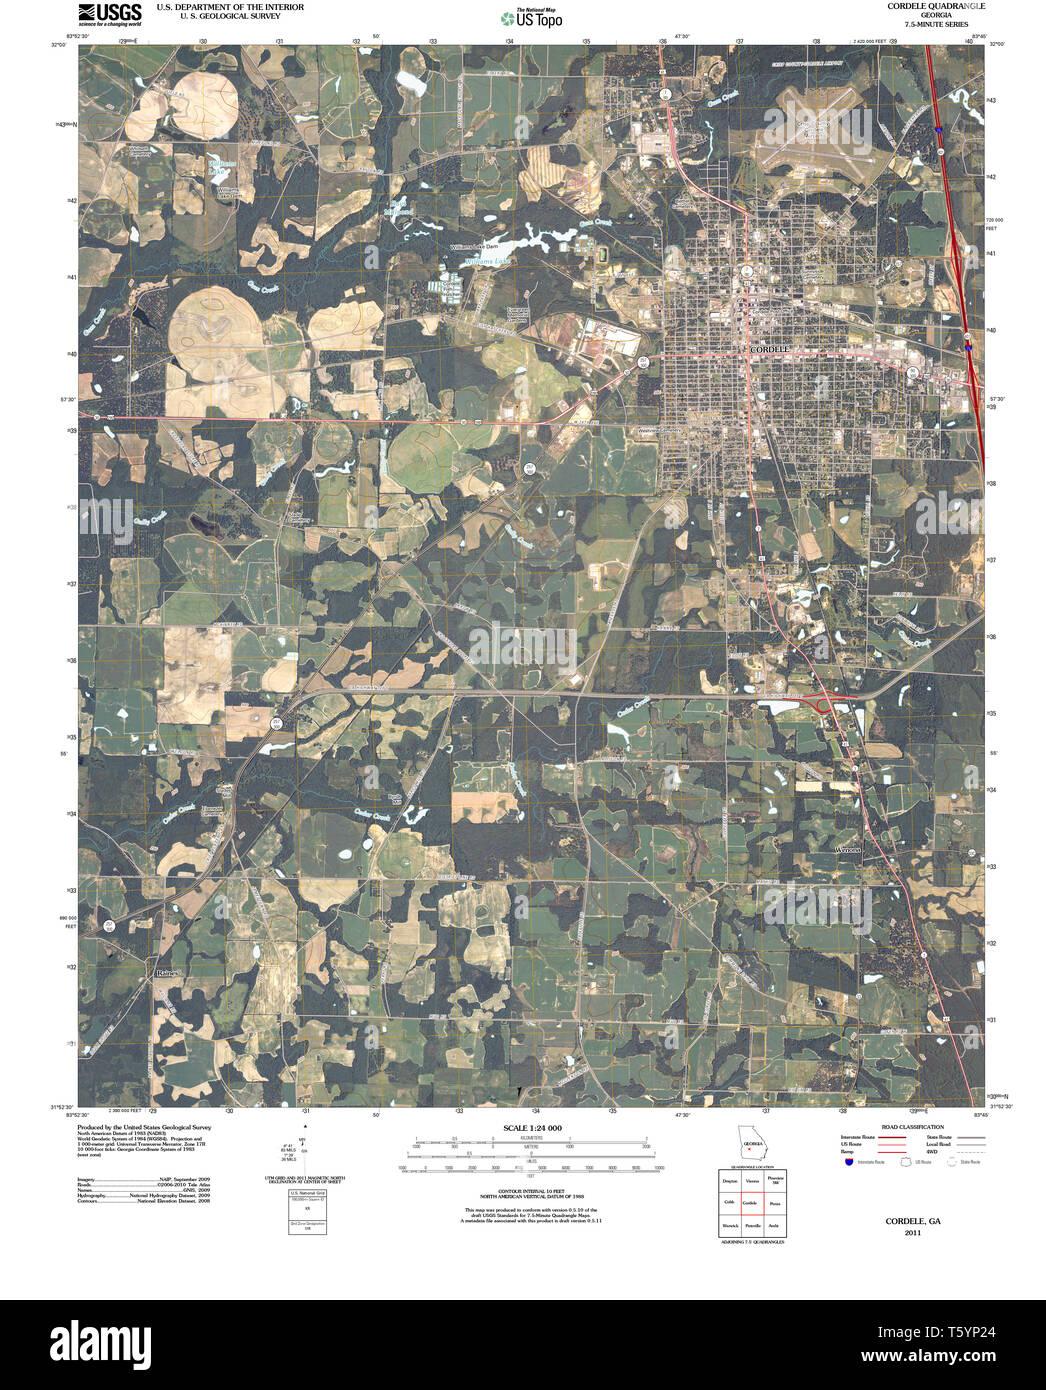 Cordele Georgia Stock Photos & Cordele Georgia Stock Images ... on chatt hills ga map, mayfield ga map, valdosta ga map, doctortown ga map, lagrange ga map, tifton ga map, whitewater ga map, alexander city ga map, shawnee ga map, ty ty ga map, florence ga map, st. marys ga map, cusseta ga map, newberry ga map, north druid hills ga map, hapeville ga map, gainesville ga map, bloomington ga map, meridian ga map, newton ga map,